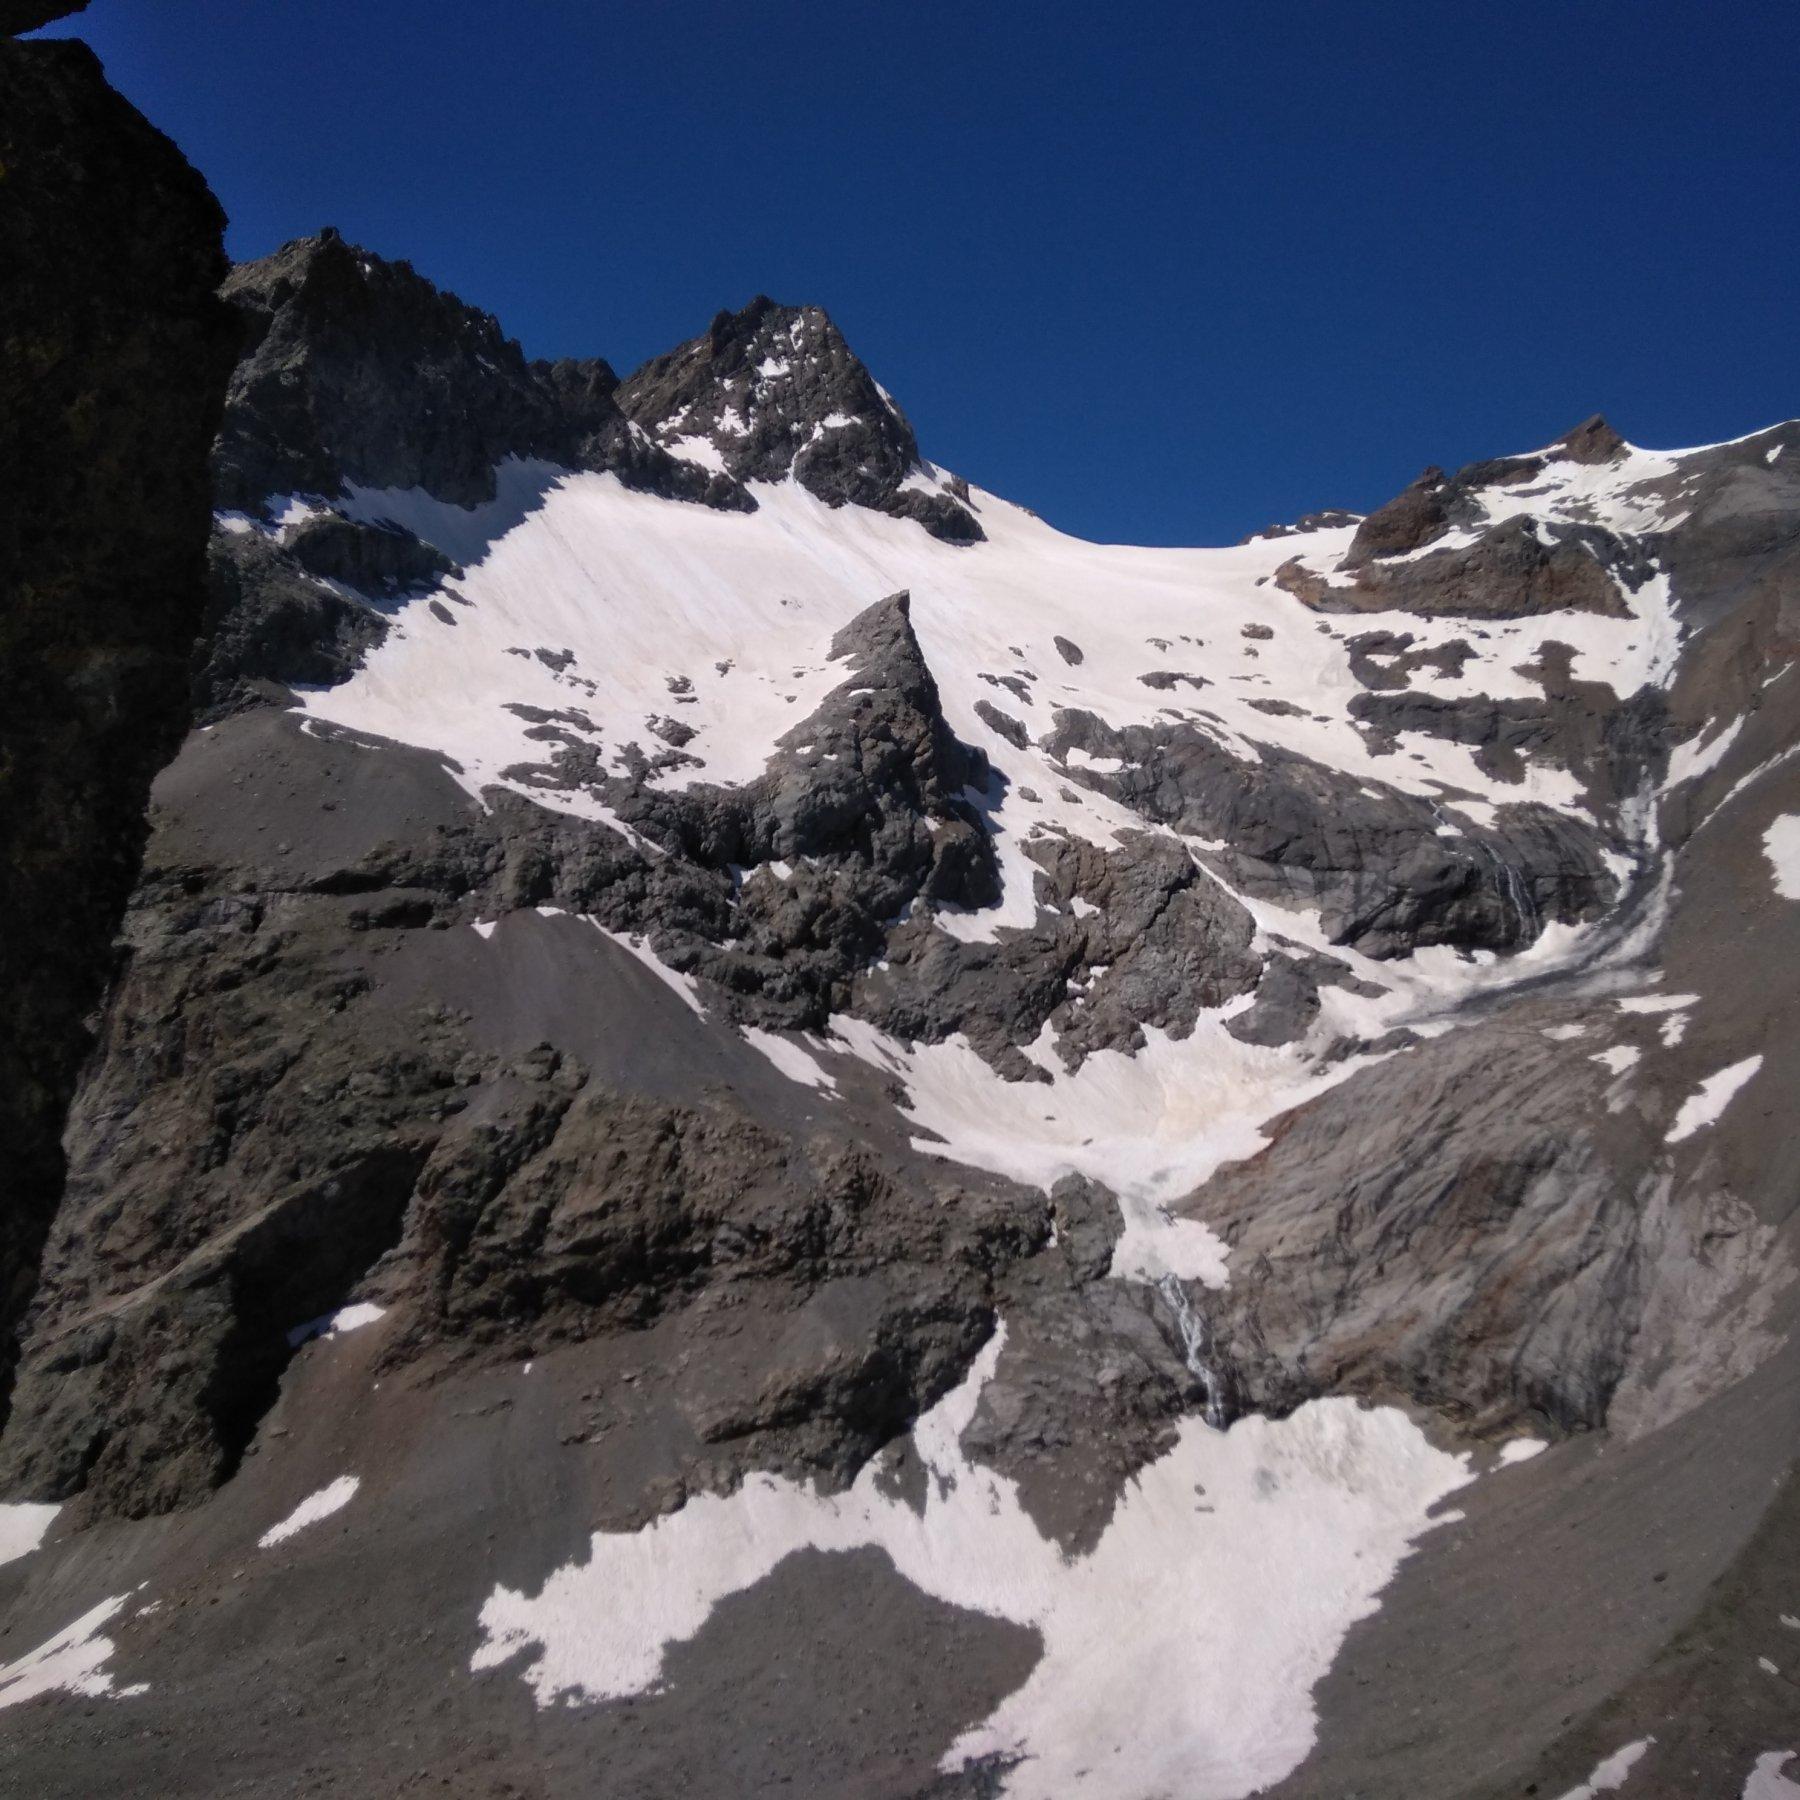 Sembrano esserci ancora buone condizioni per il ghiacciaio  de Seguret Foran